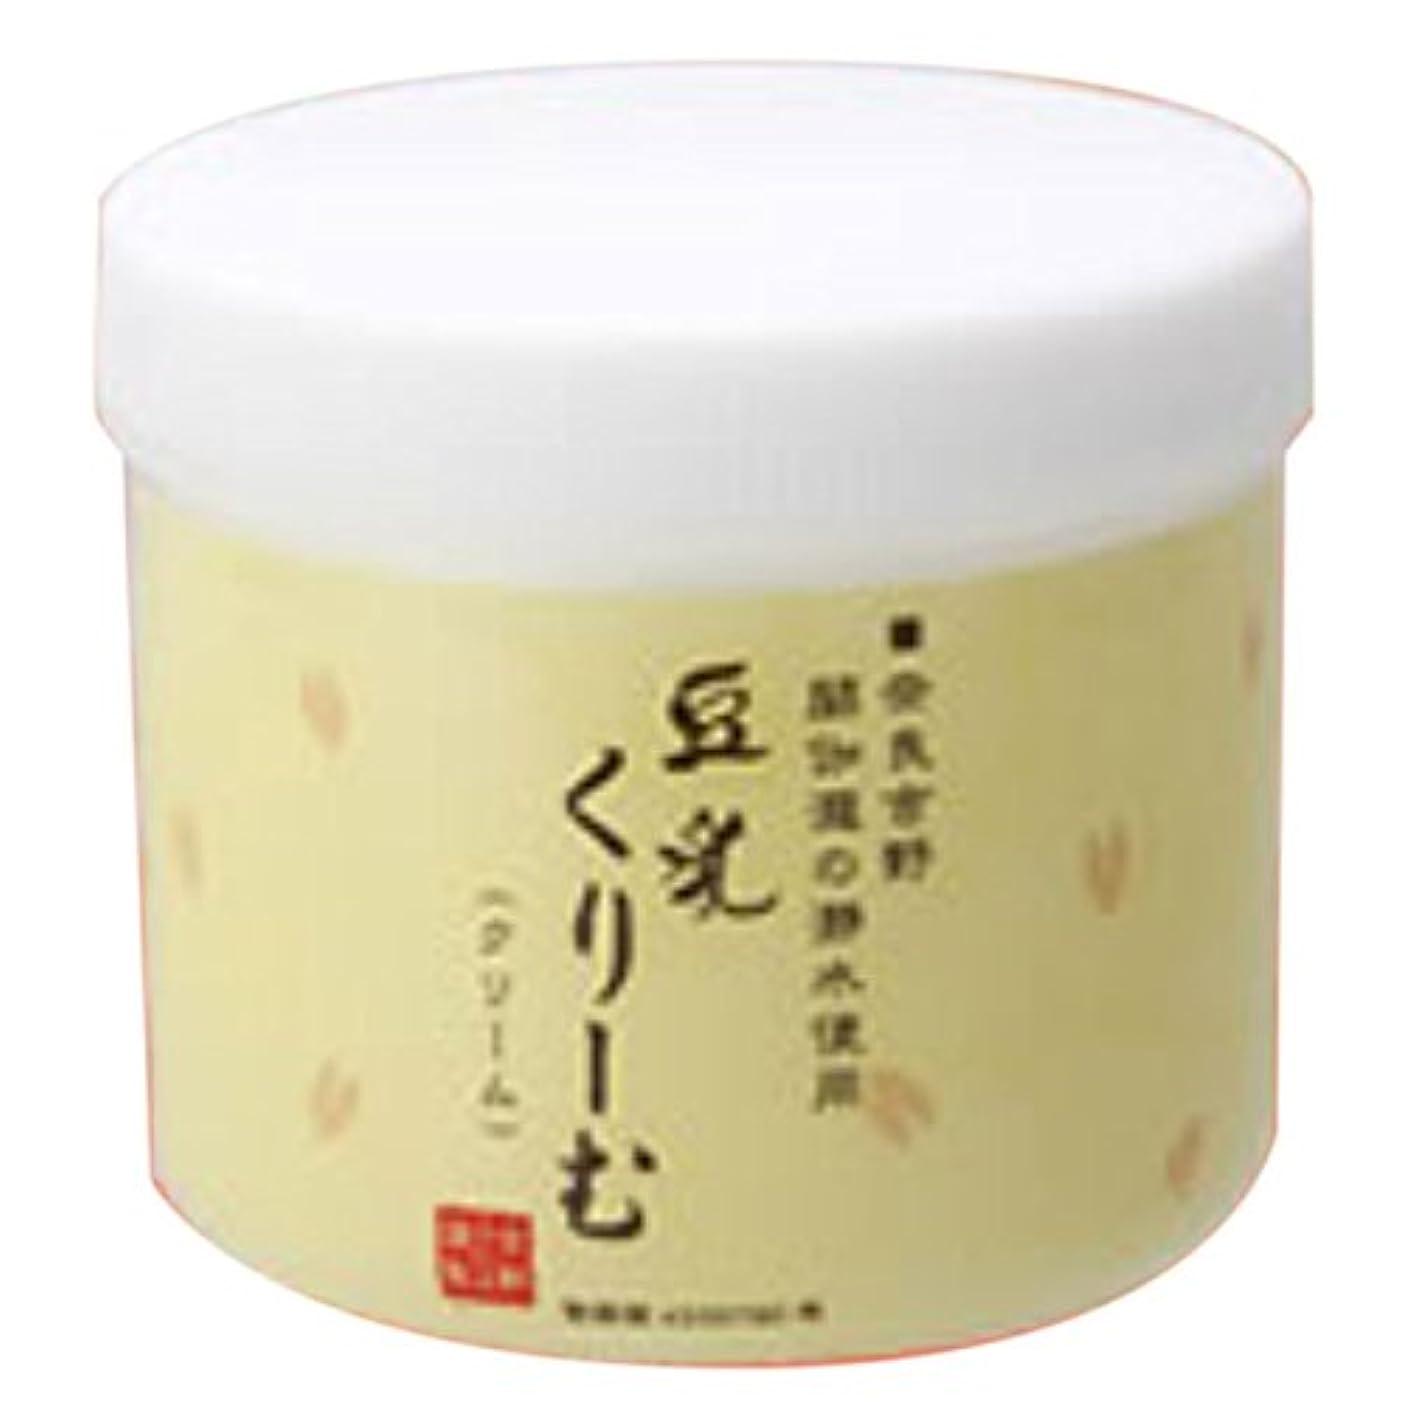 フォーマル下る発掘吉野ふじや謹製 とうにゅうくりーむ (豆乳美容クリーム) 3個セット